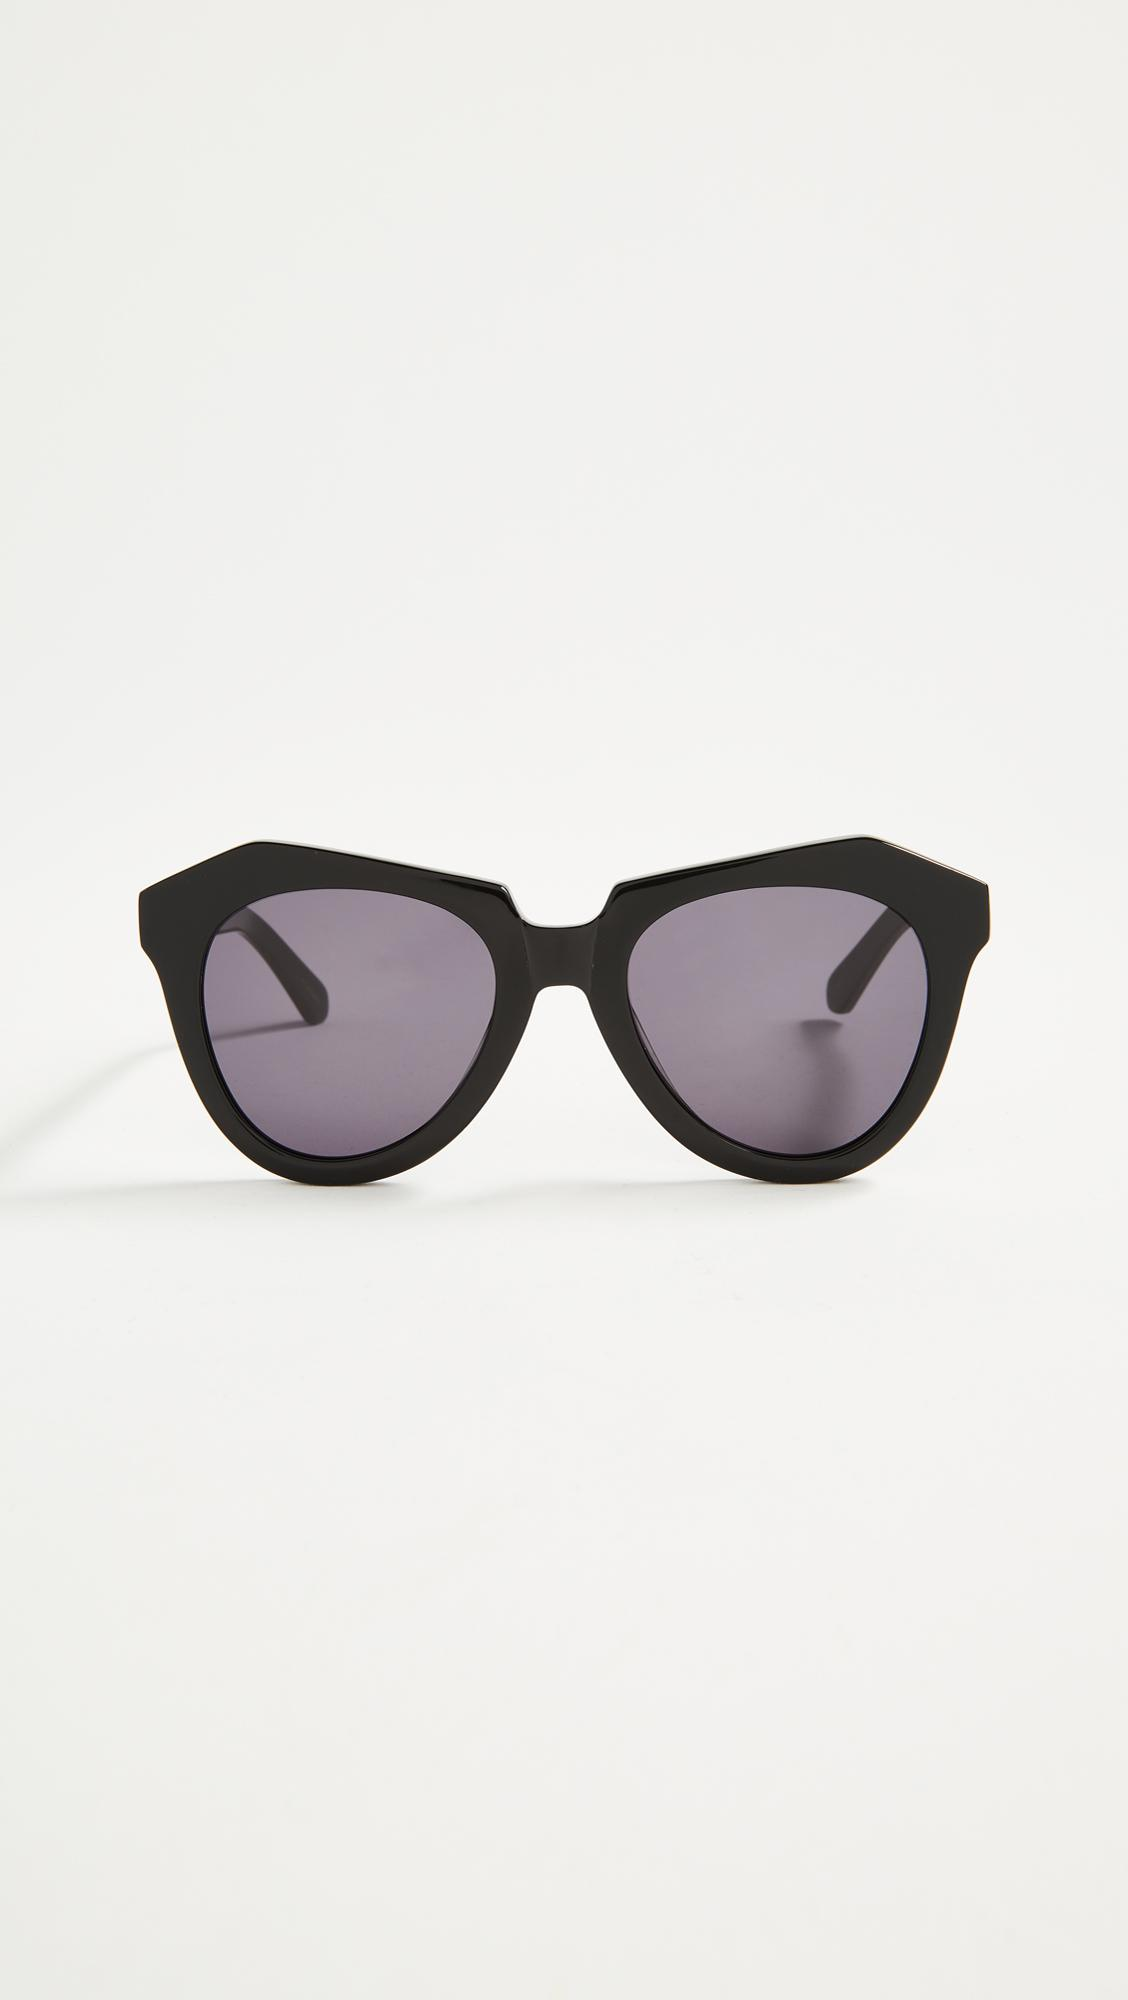 6d8d0fbc9282 Karen Walker Numer One Sunglasses in Black - Lyst